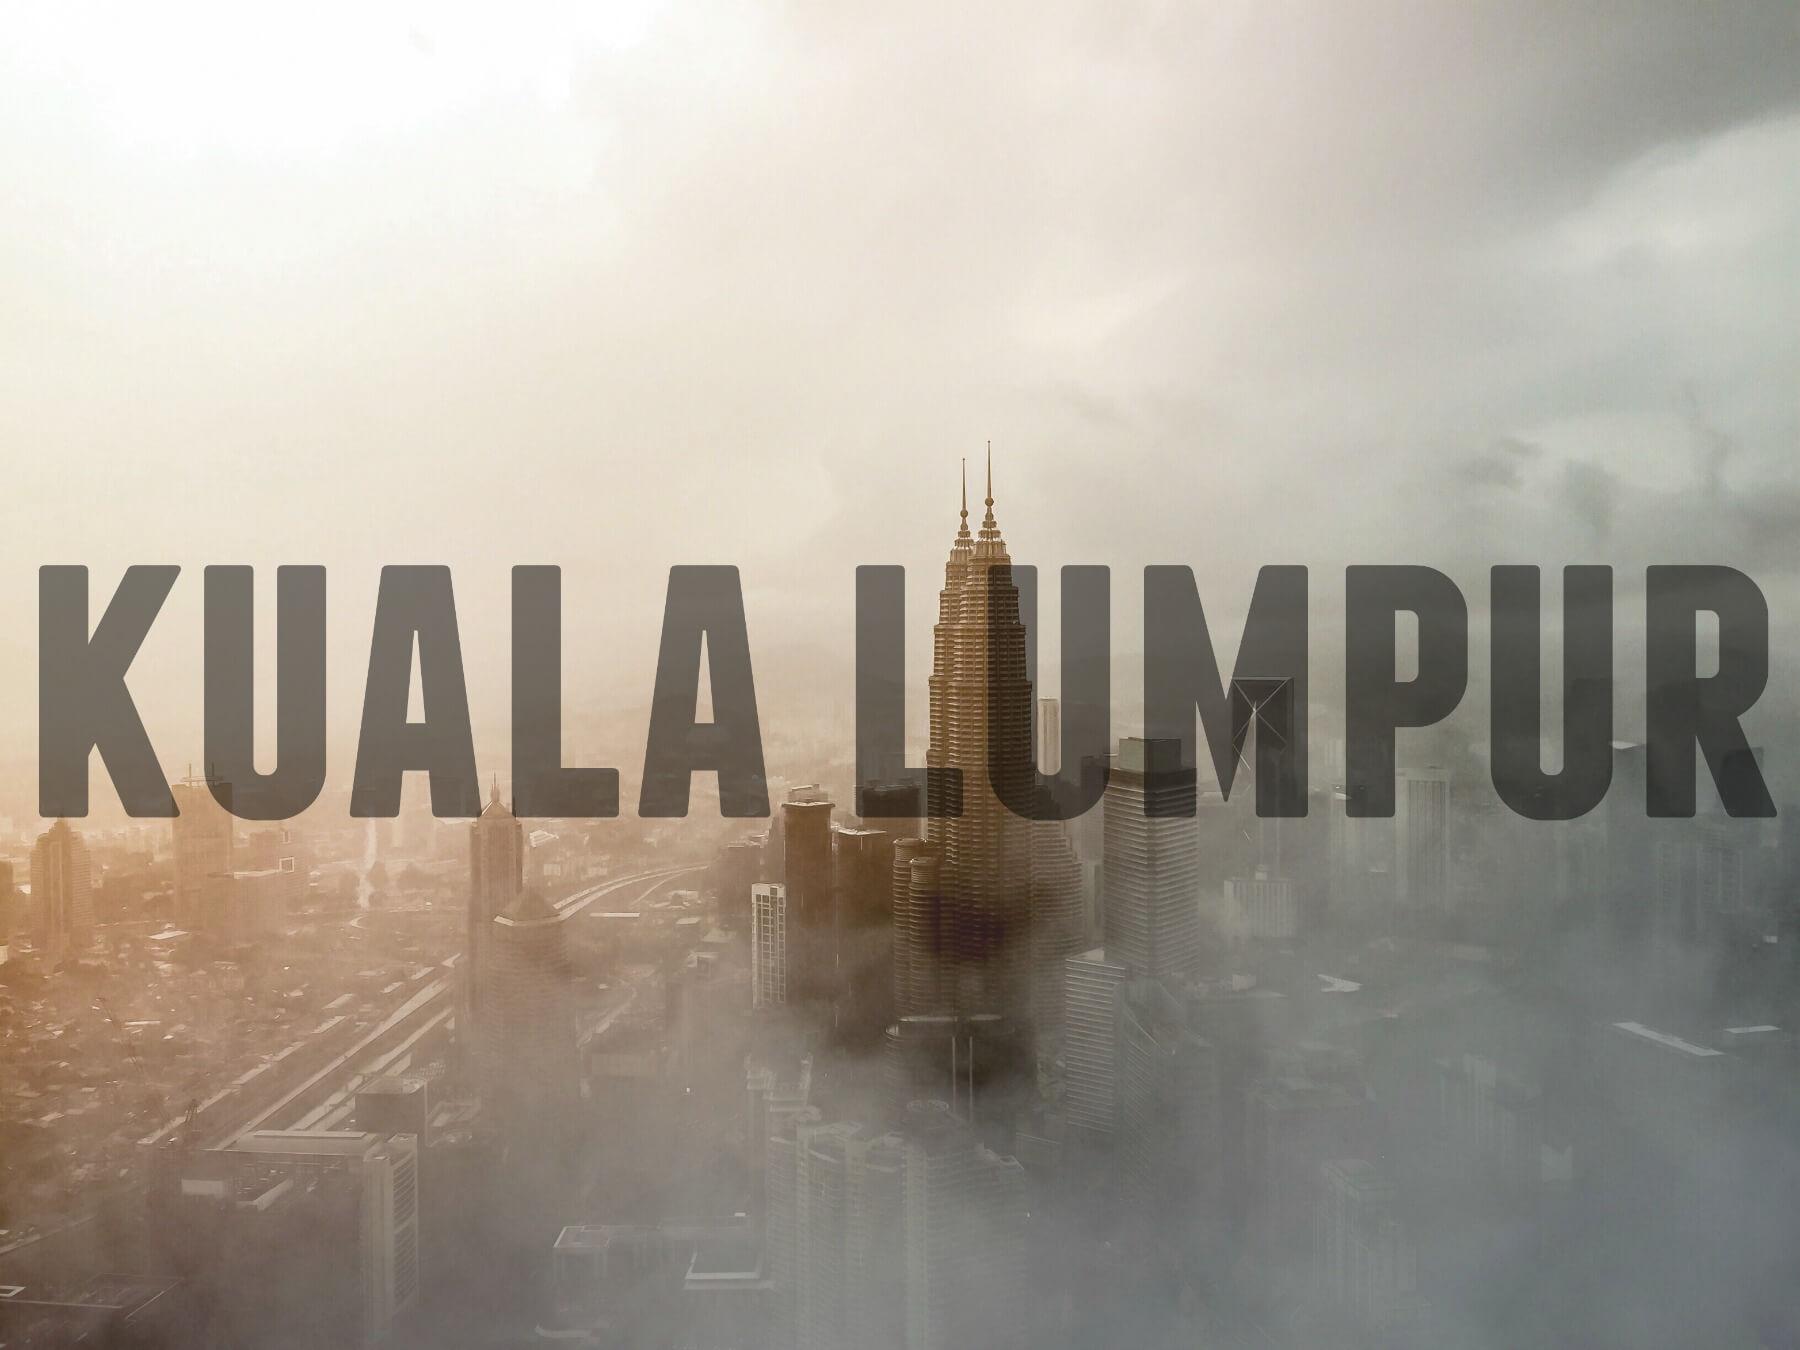 'KUALA LUMPUR' (Foggy view of city)